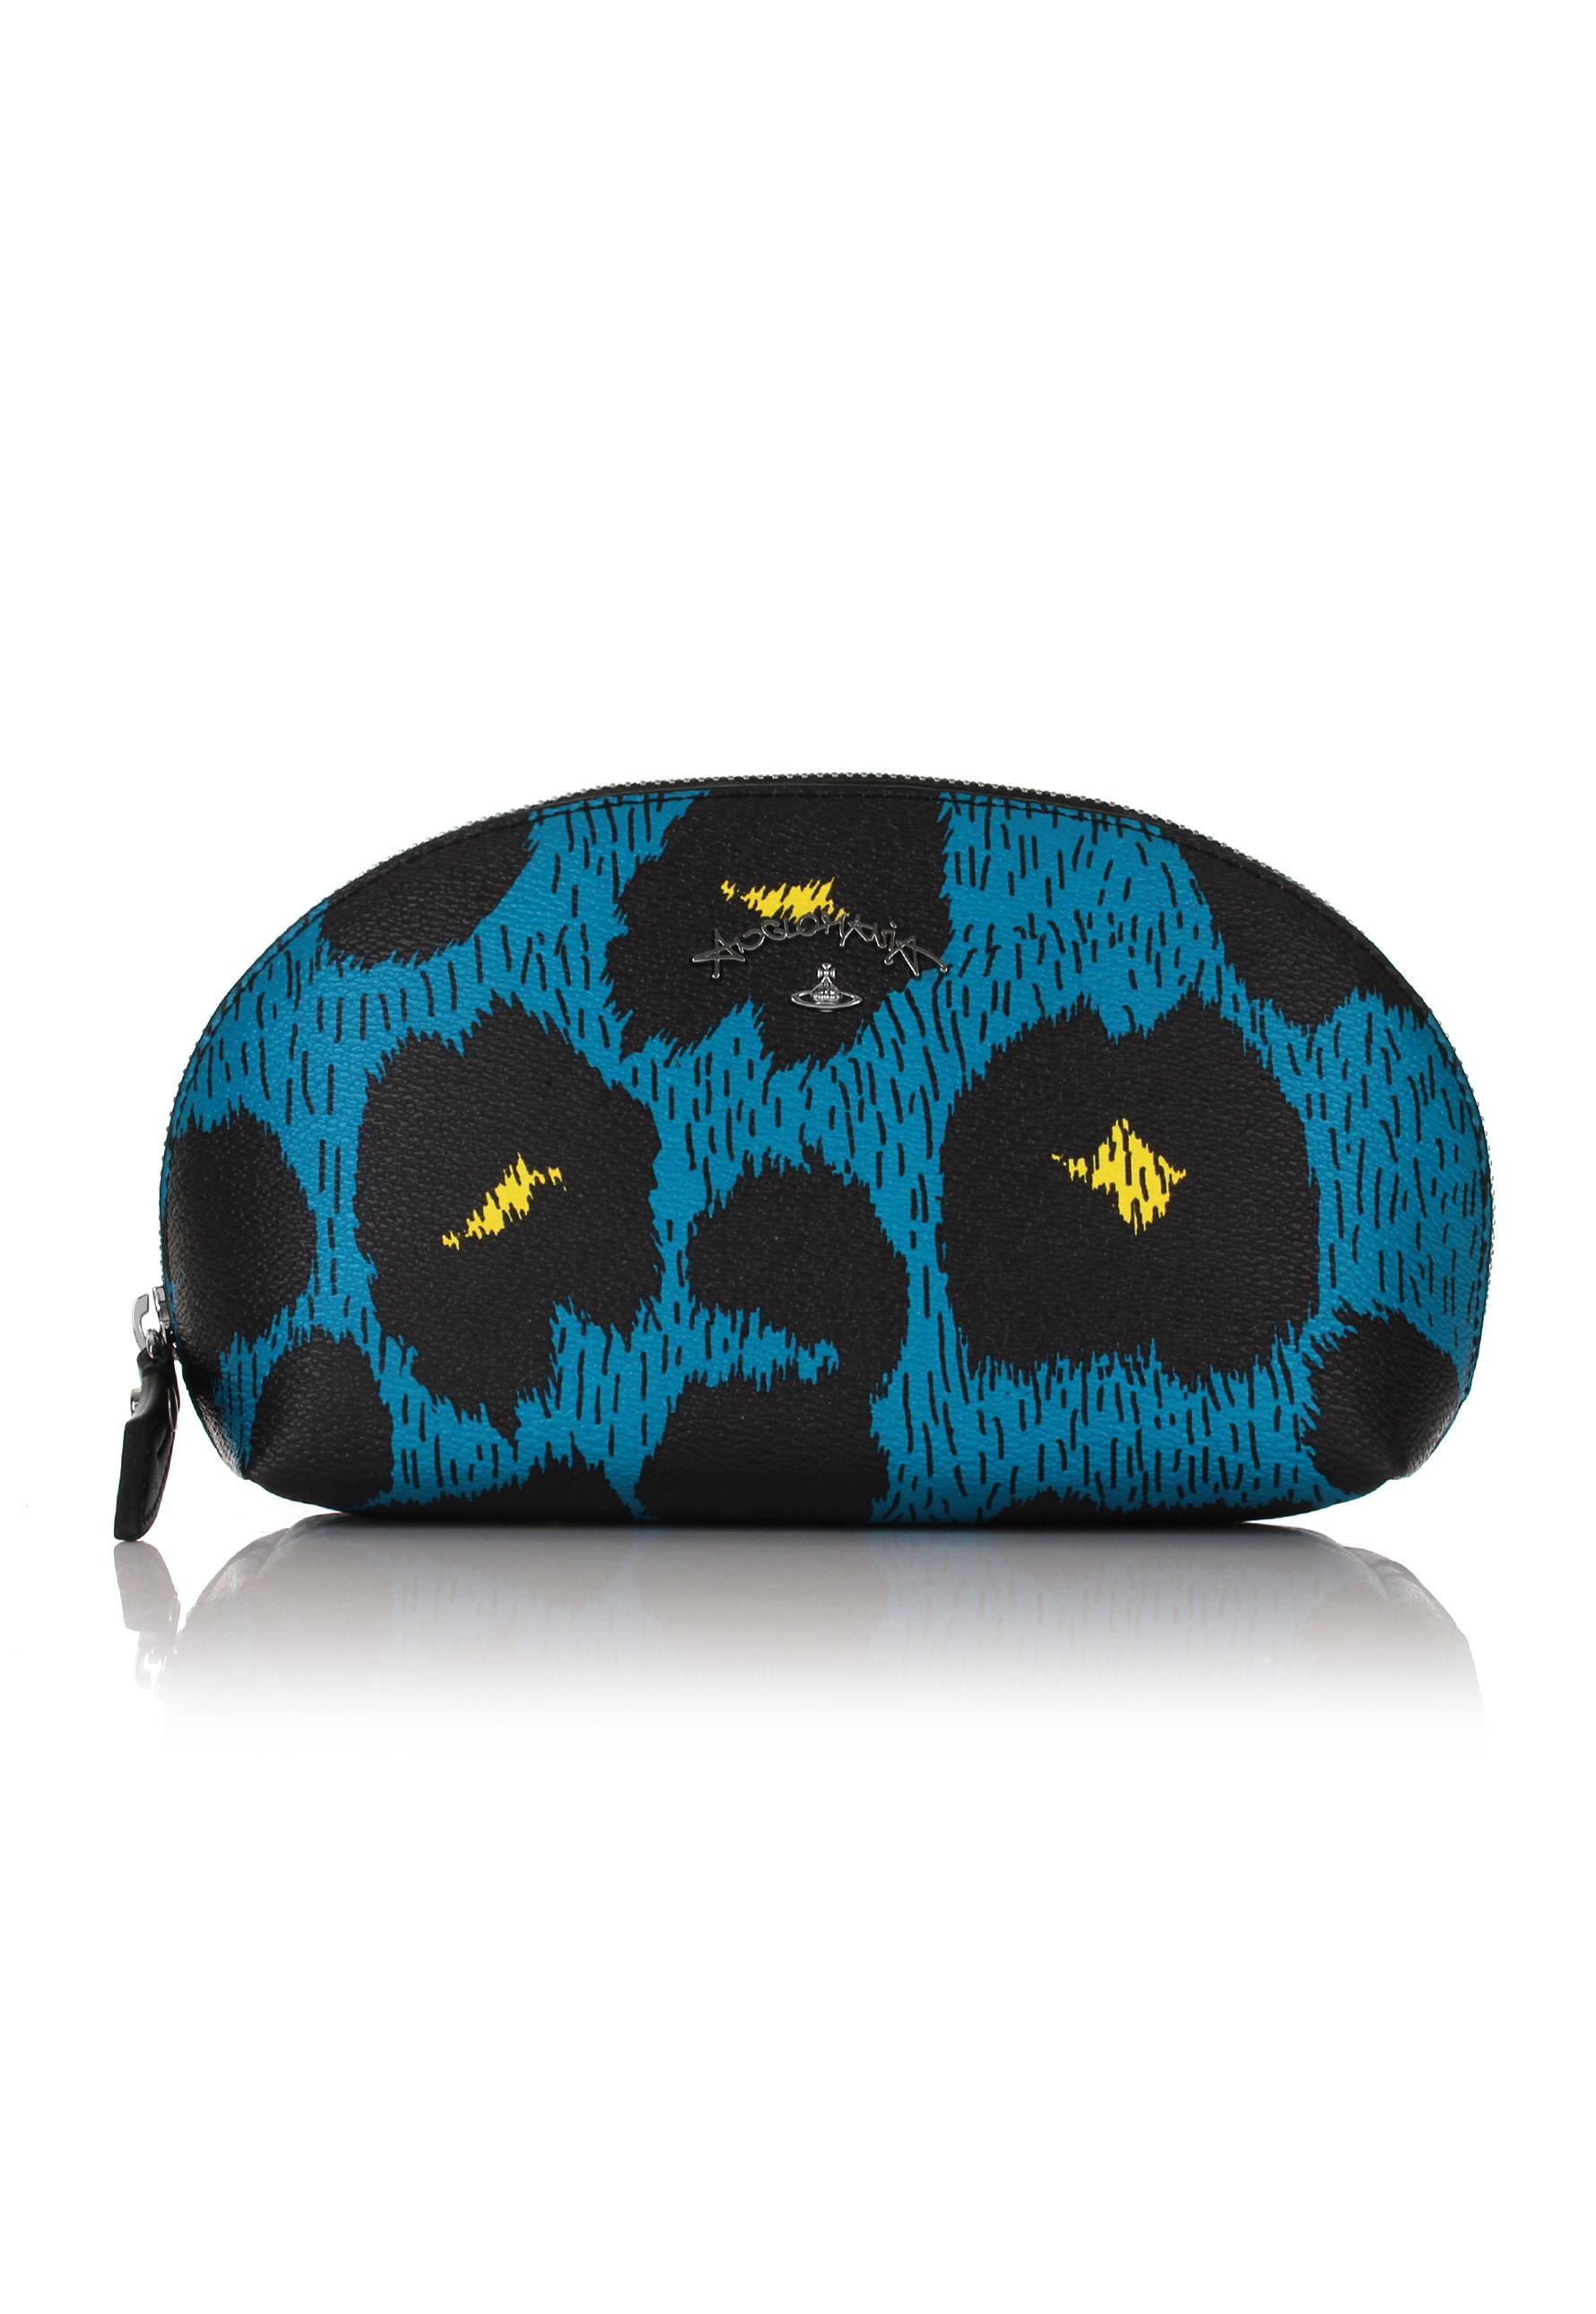 8dd115f558 Lyst - Vivienne Westwood Leopardmania 35084 Make Up Bag Blue in Blue